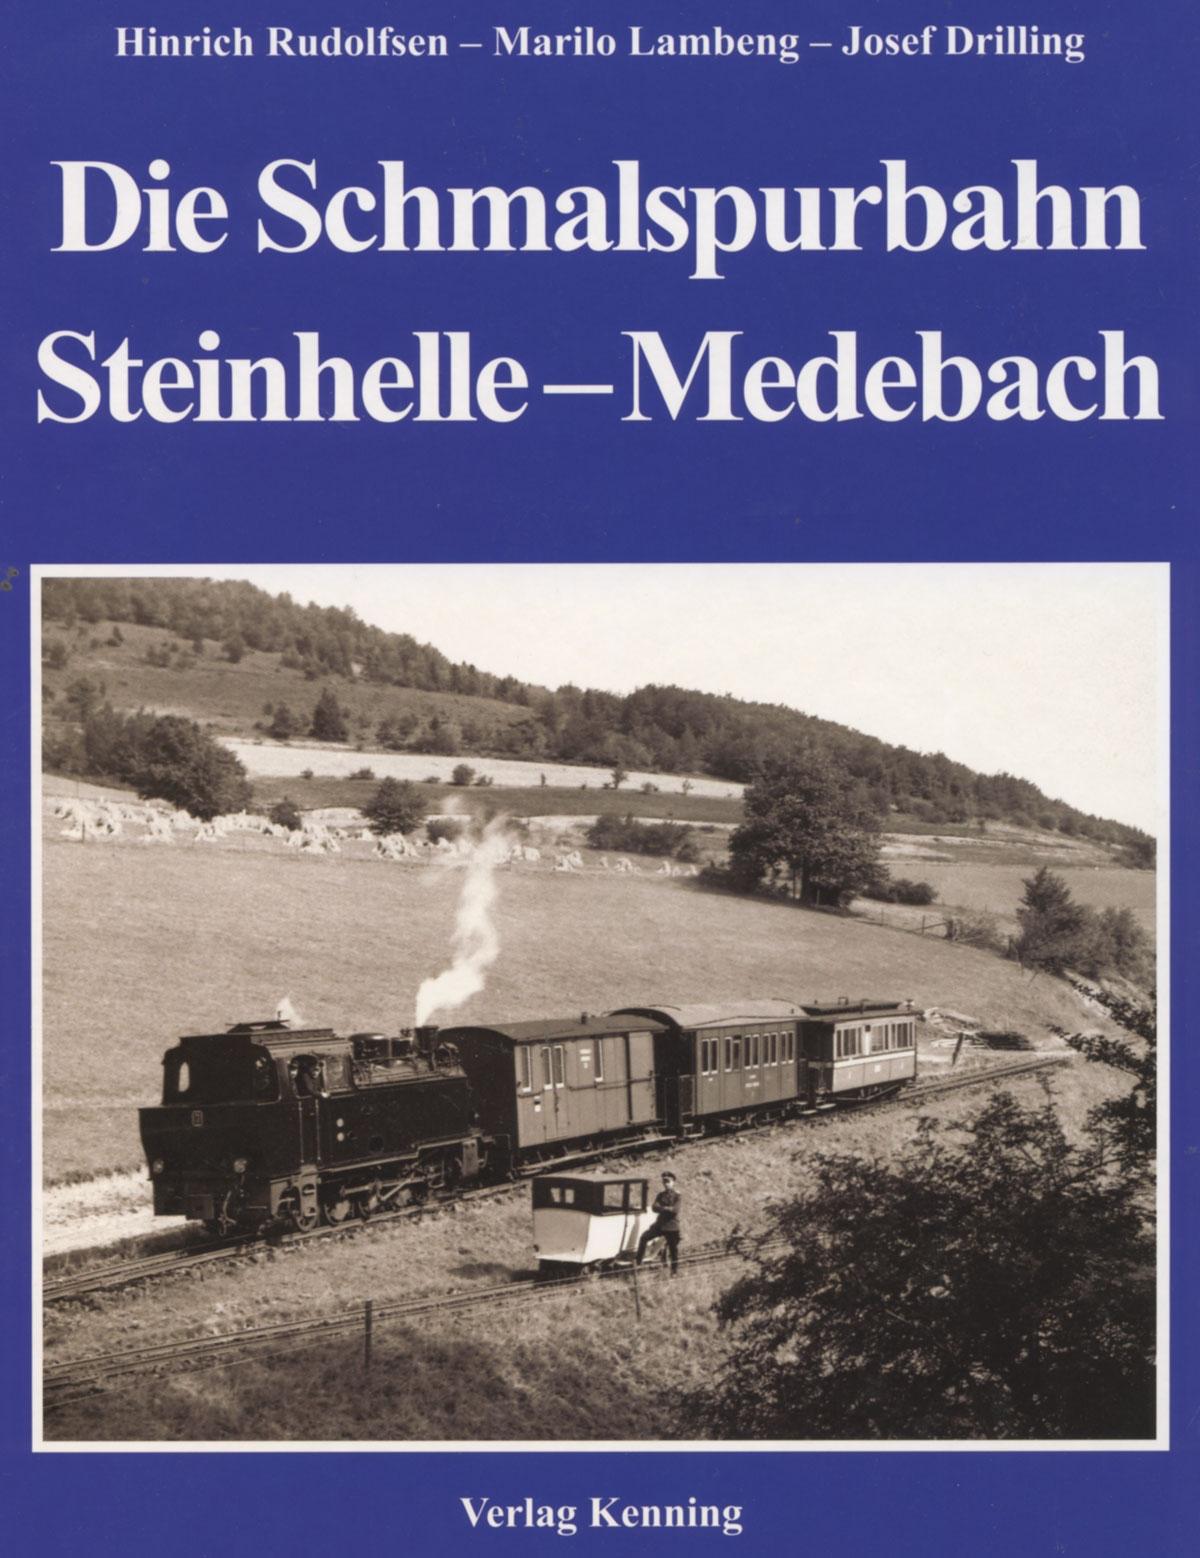 Die Schmalspurbahn Steinhelle - Medebach